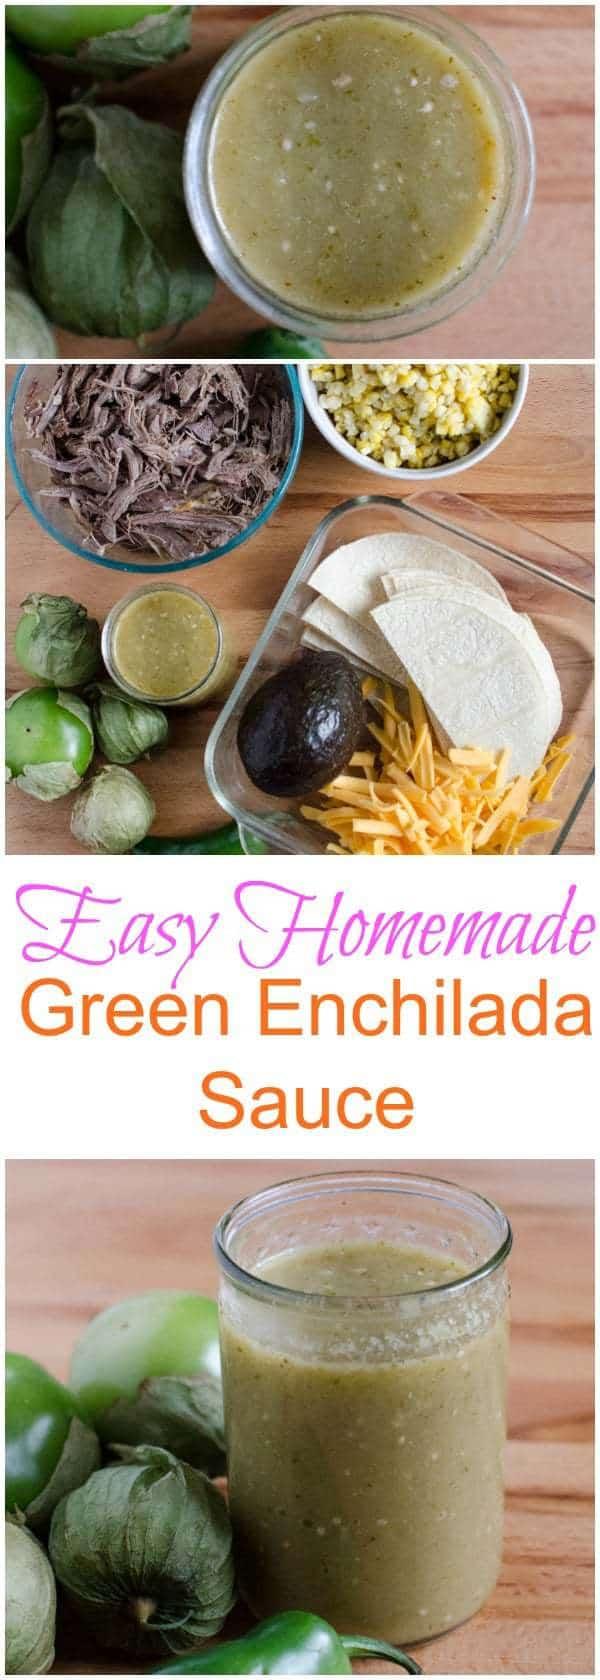 Easy Homemade Green Enchilada Sauce Recipe (made in the blender!)